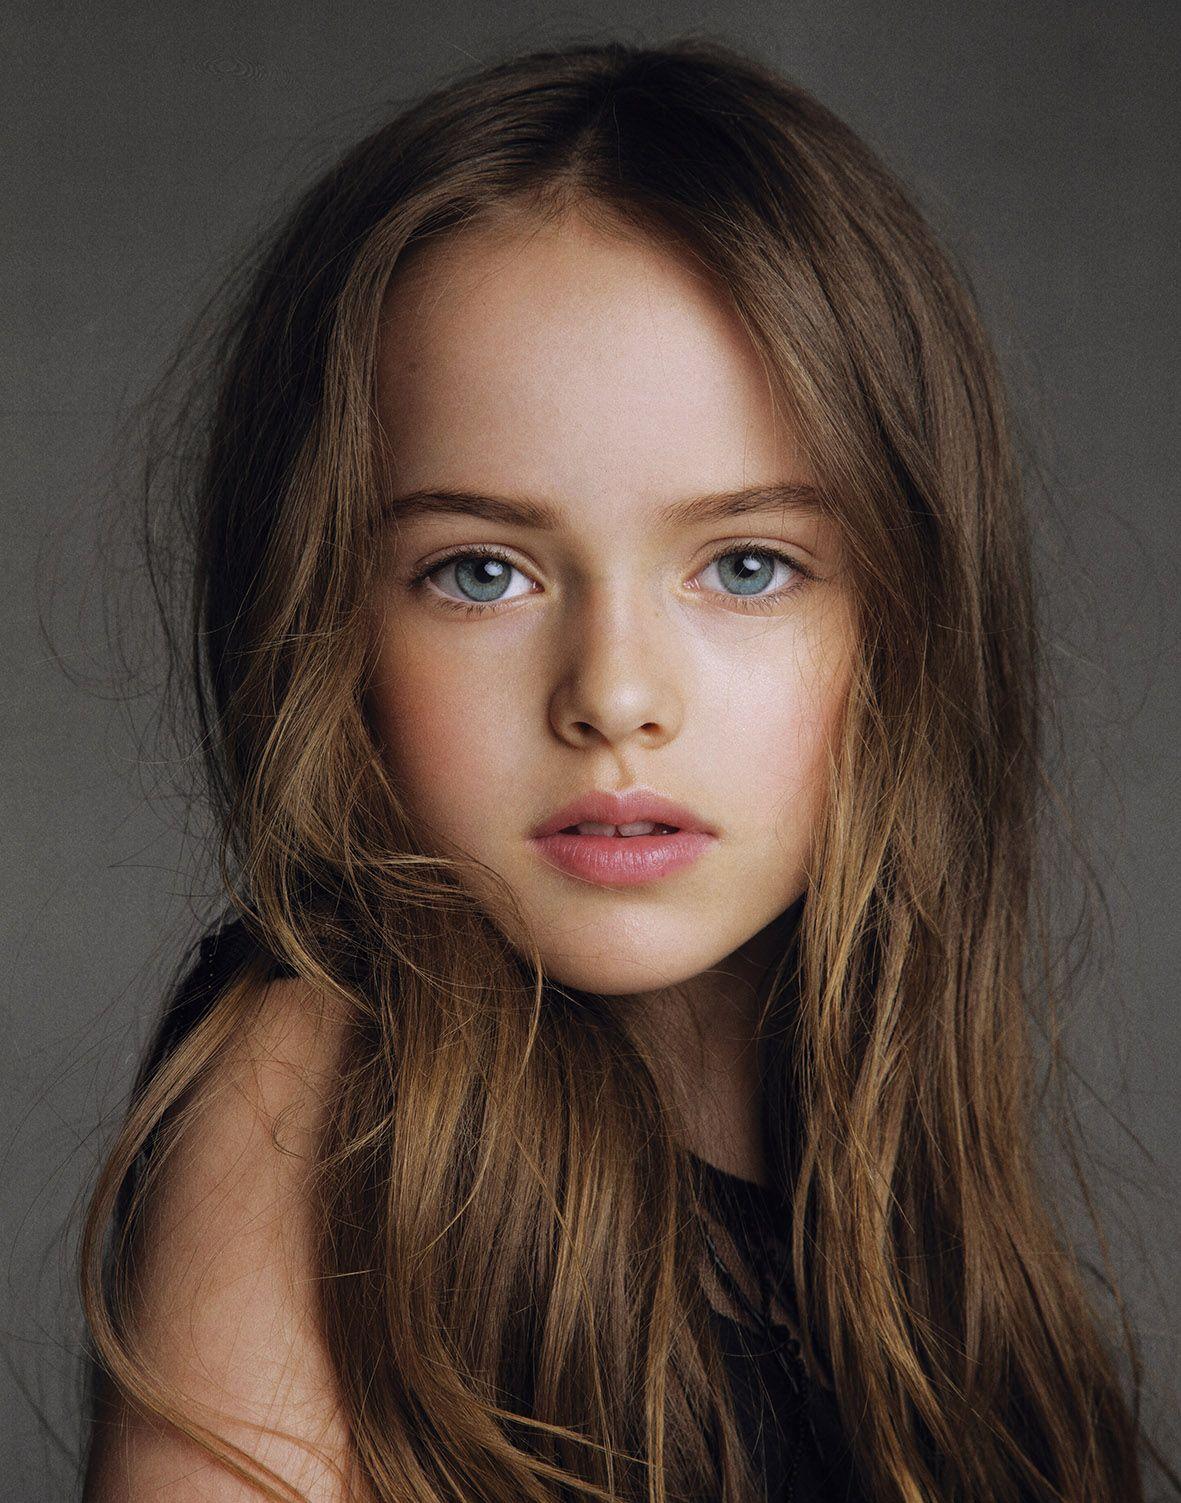 ロシアの美女まとめ 「世界で一番美しい女の子」に選ばれたクリスティーナ・ピメノヴァが